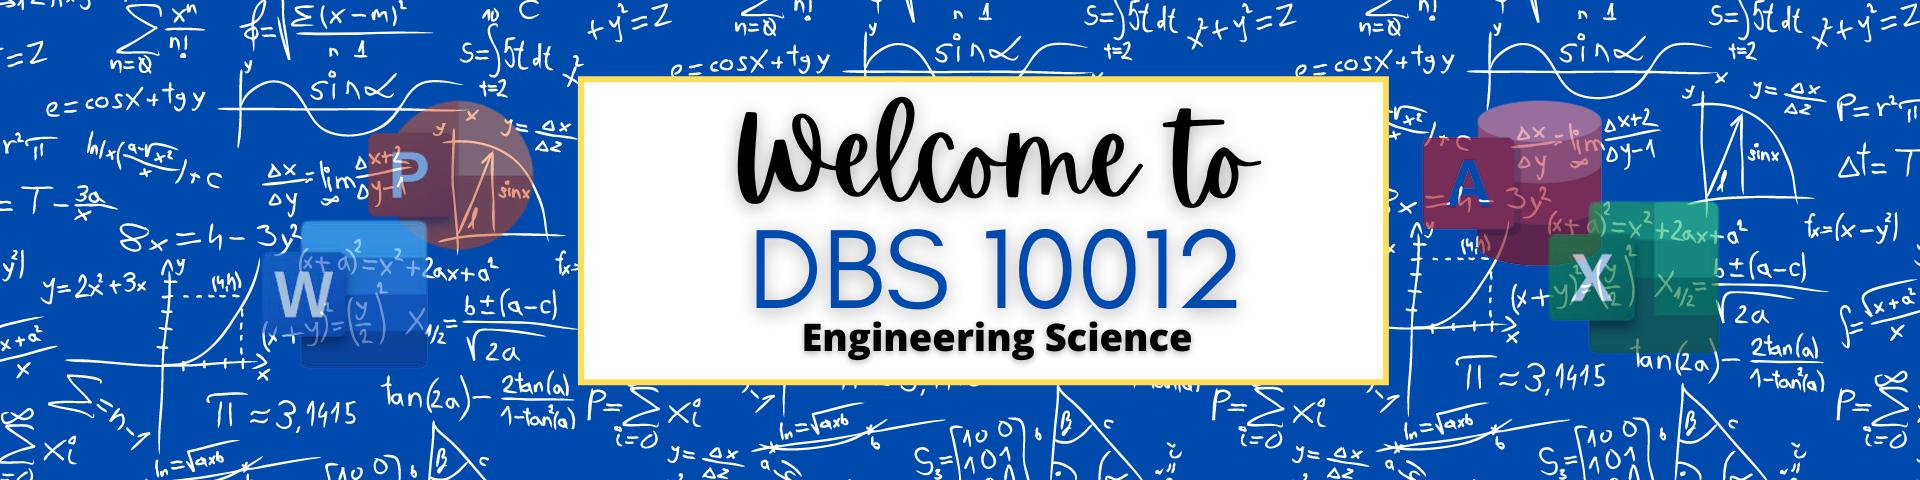 DBS 10012 ENGINEERING SCIENCE